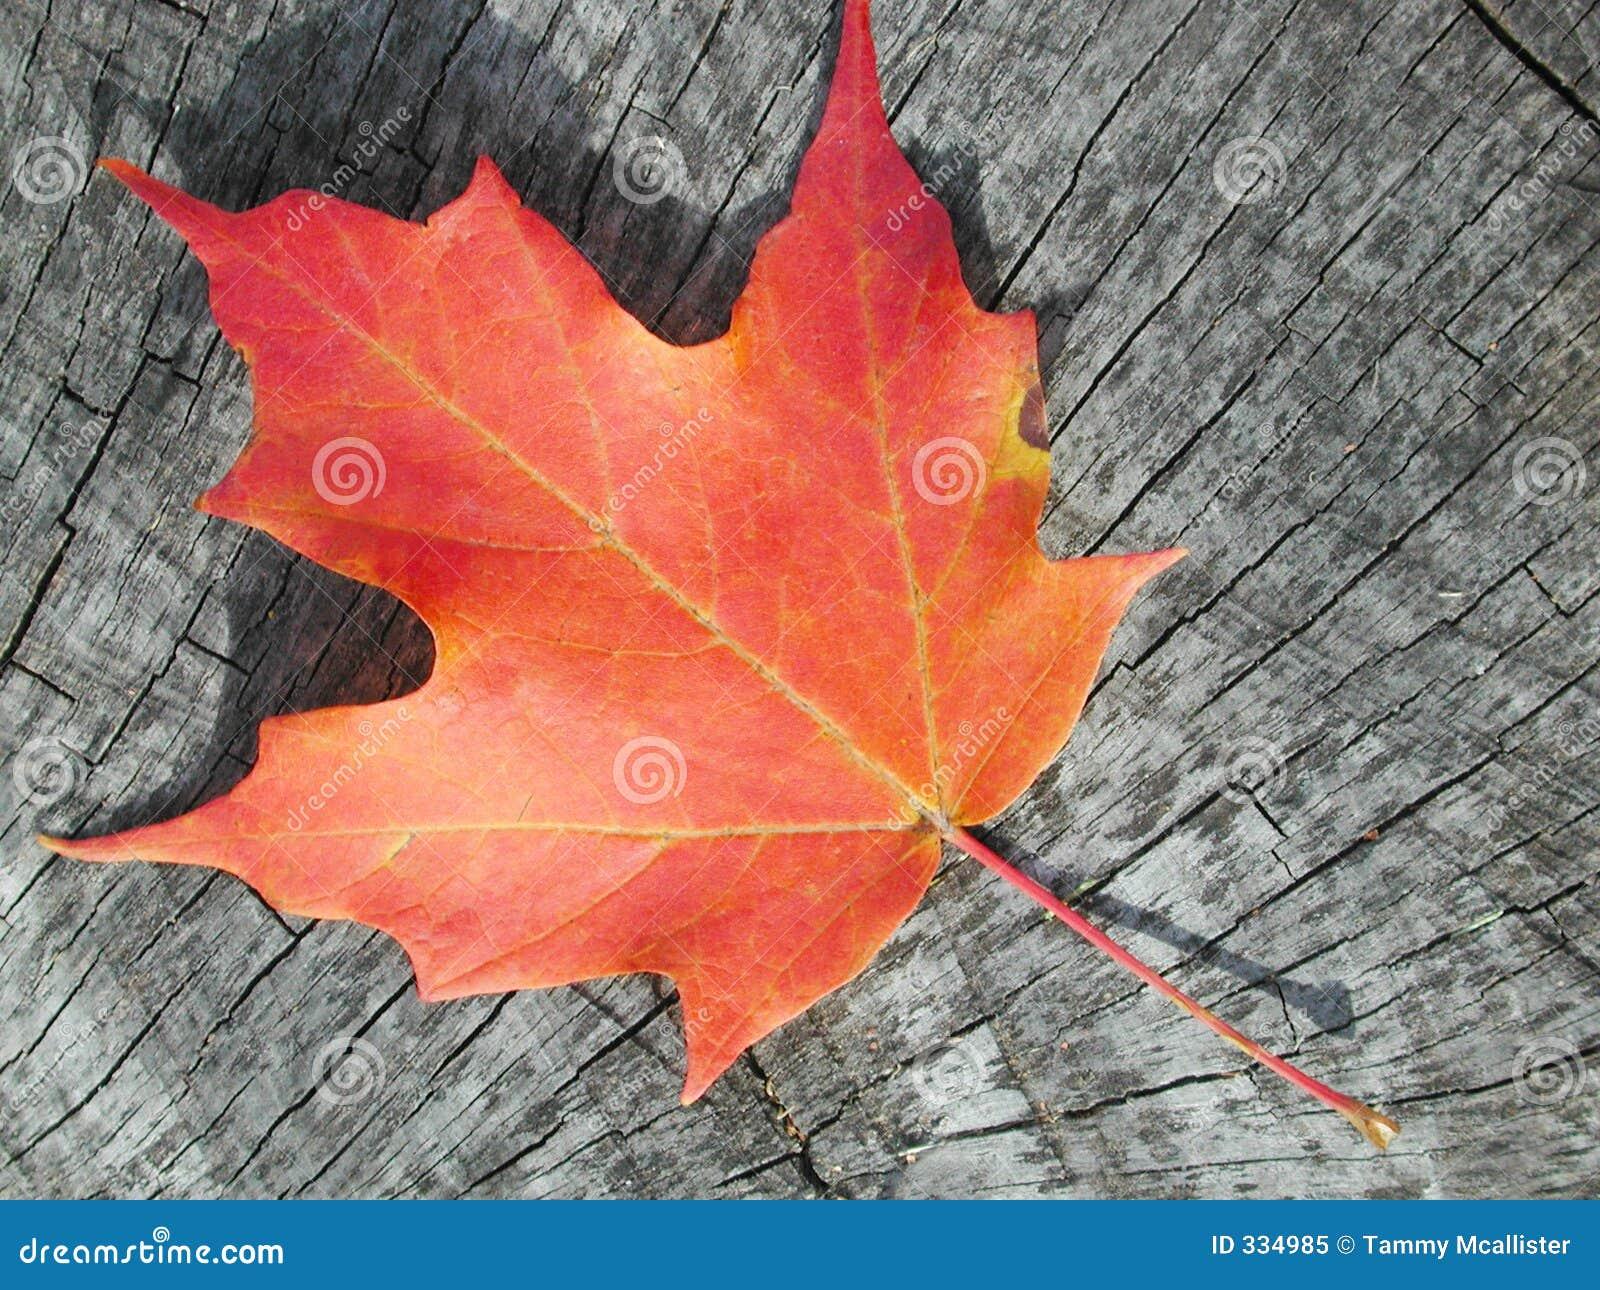 Maple leaf on wood